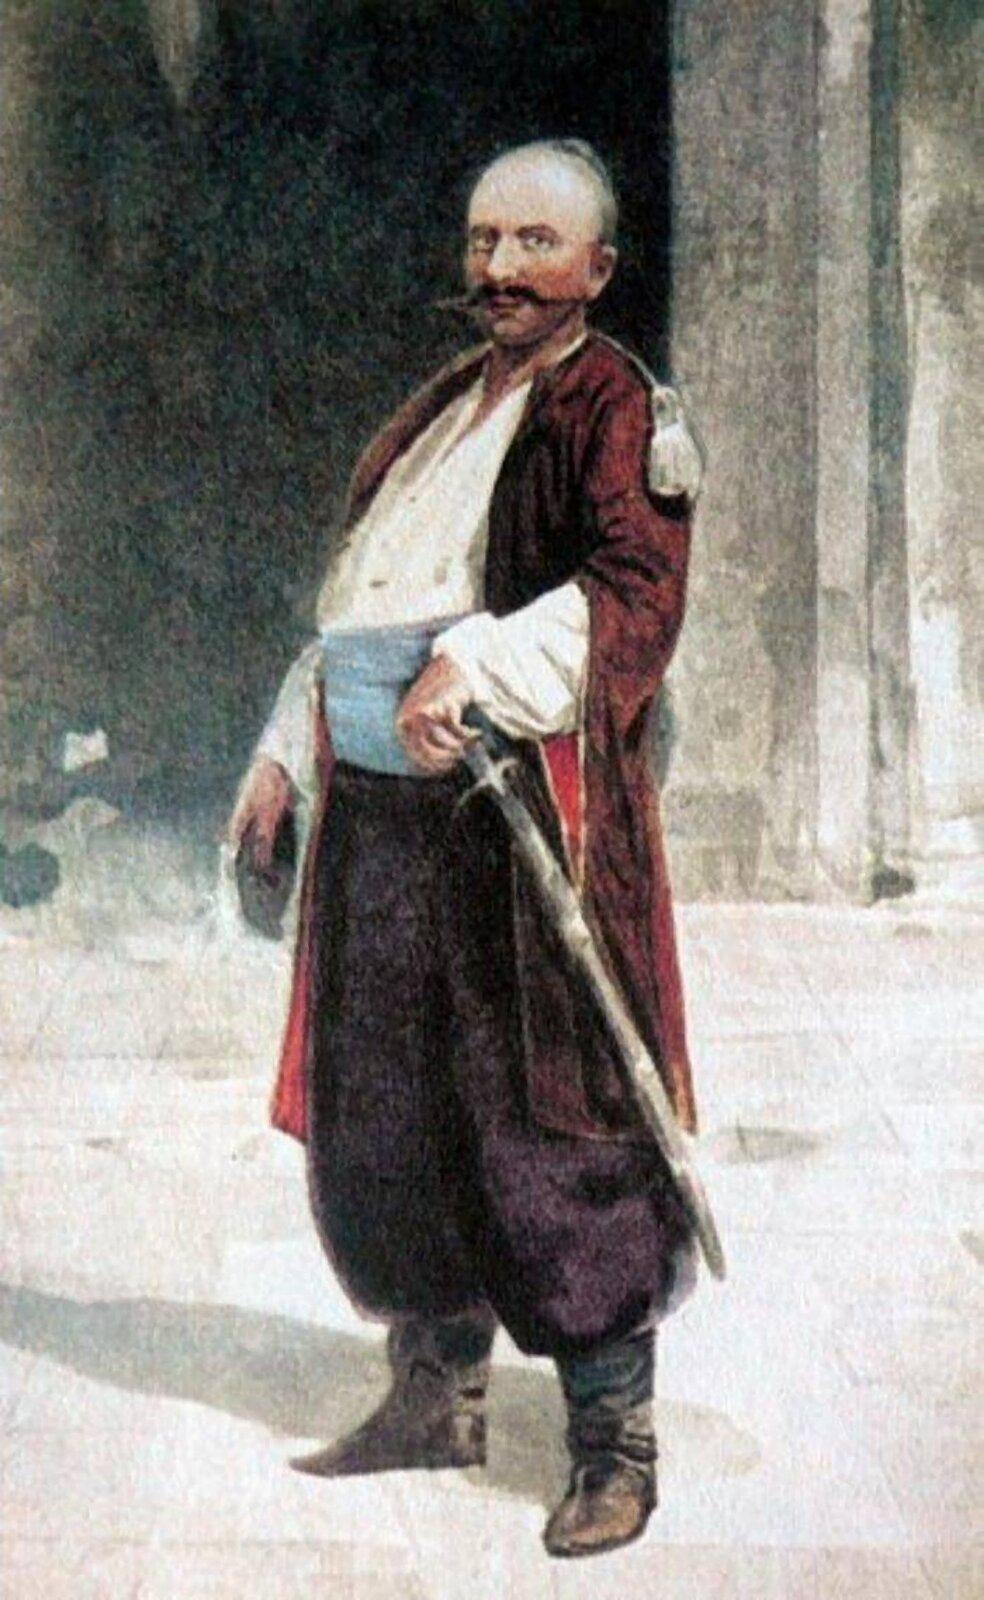 Setnik humański Iwan Gonta Iwan Gonta (data ur. nieznana, zm. 1768) – setnik nadwornej milicji wojewody kijowskiego Franciszka Salezego Potockiego. Miał uczestniczyć wobronie Humania. Zdowodzonym przez siebie oddziałem dołączył jednak do hajdamaków Maksyma Żeleźniaka.Po pogromie wHumaniu ruskie chłopstwo ogłosiło go księciem humańskim. Został też drugim zprzywódców koliszczyzny. Pojmany przez Rosjan (7 lipca 1768 r.), został wydany staroście halickiemu Franciszkowi Ksaweremu Branickiemu istracony po czternastodniowych torturach we wsi Serby (obecnie Hontiwka) koło Mohylowa Podolskiego. Źródło: Serhii Vasylkivsky, Setnik humański Iwan Gonta, przed 1917 r., domena publiczna.